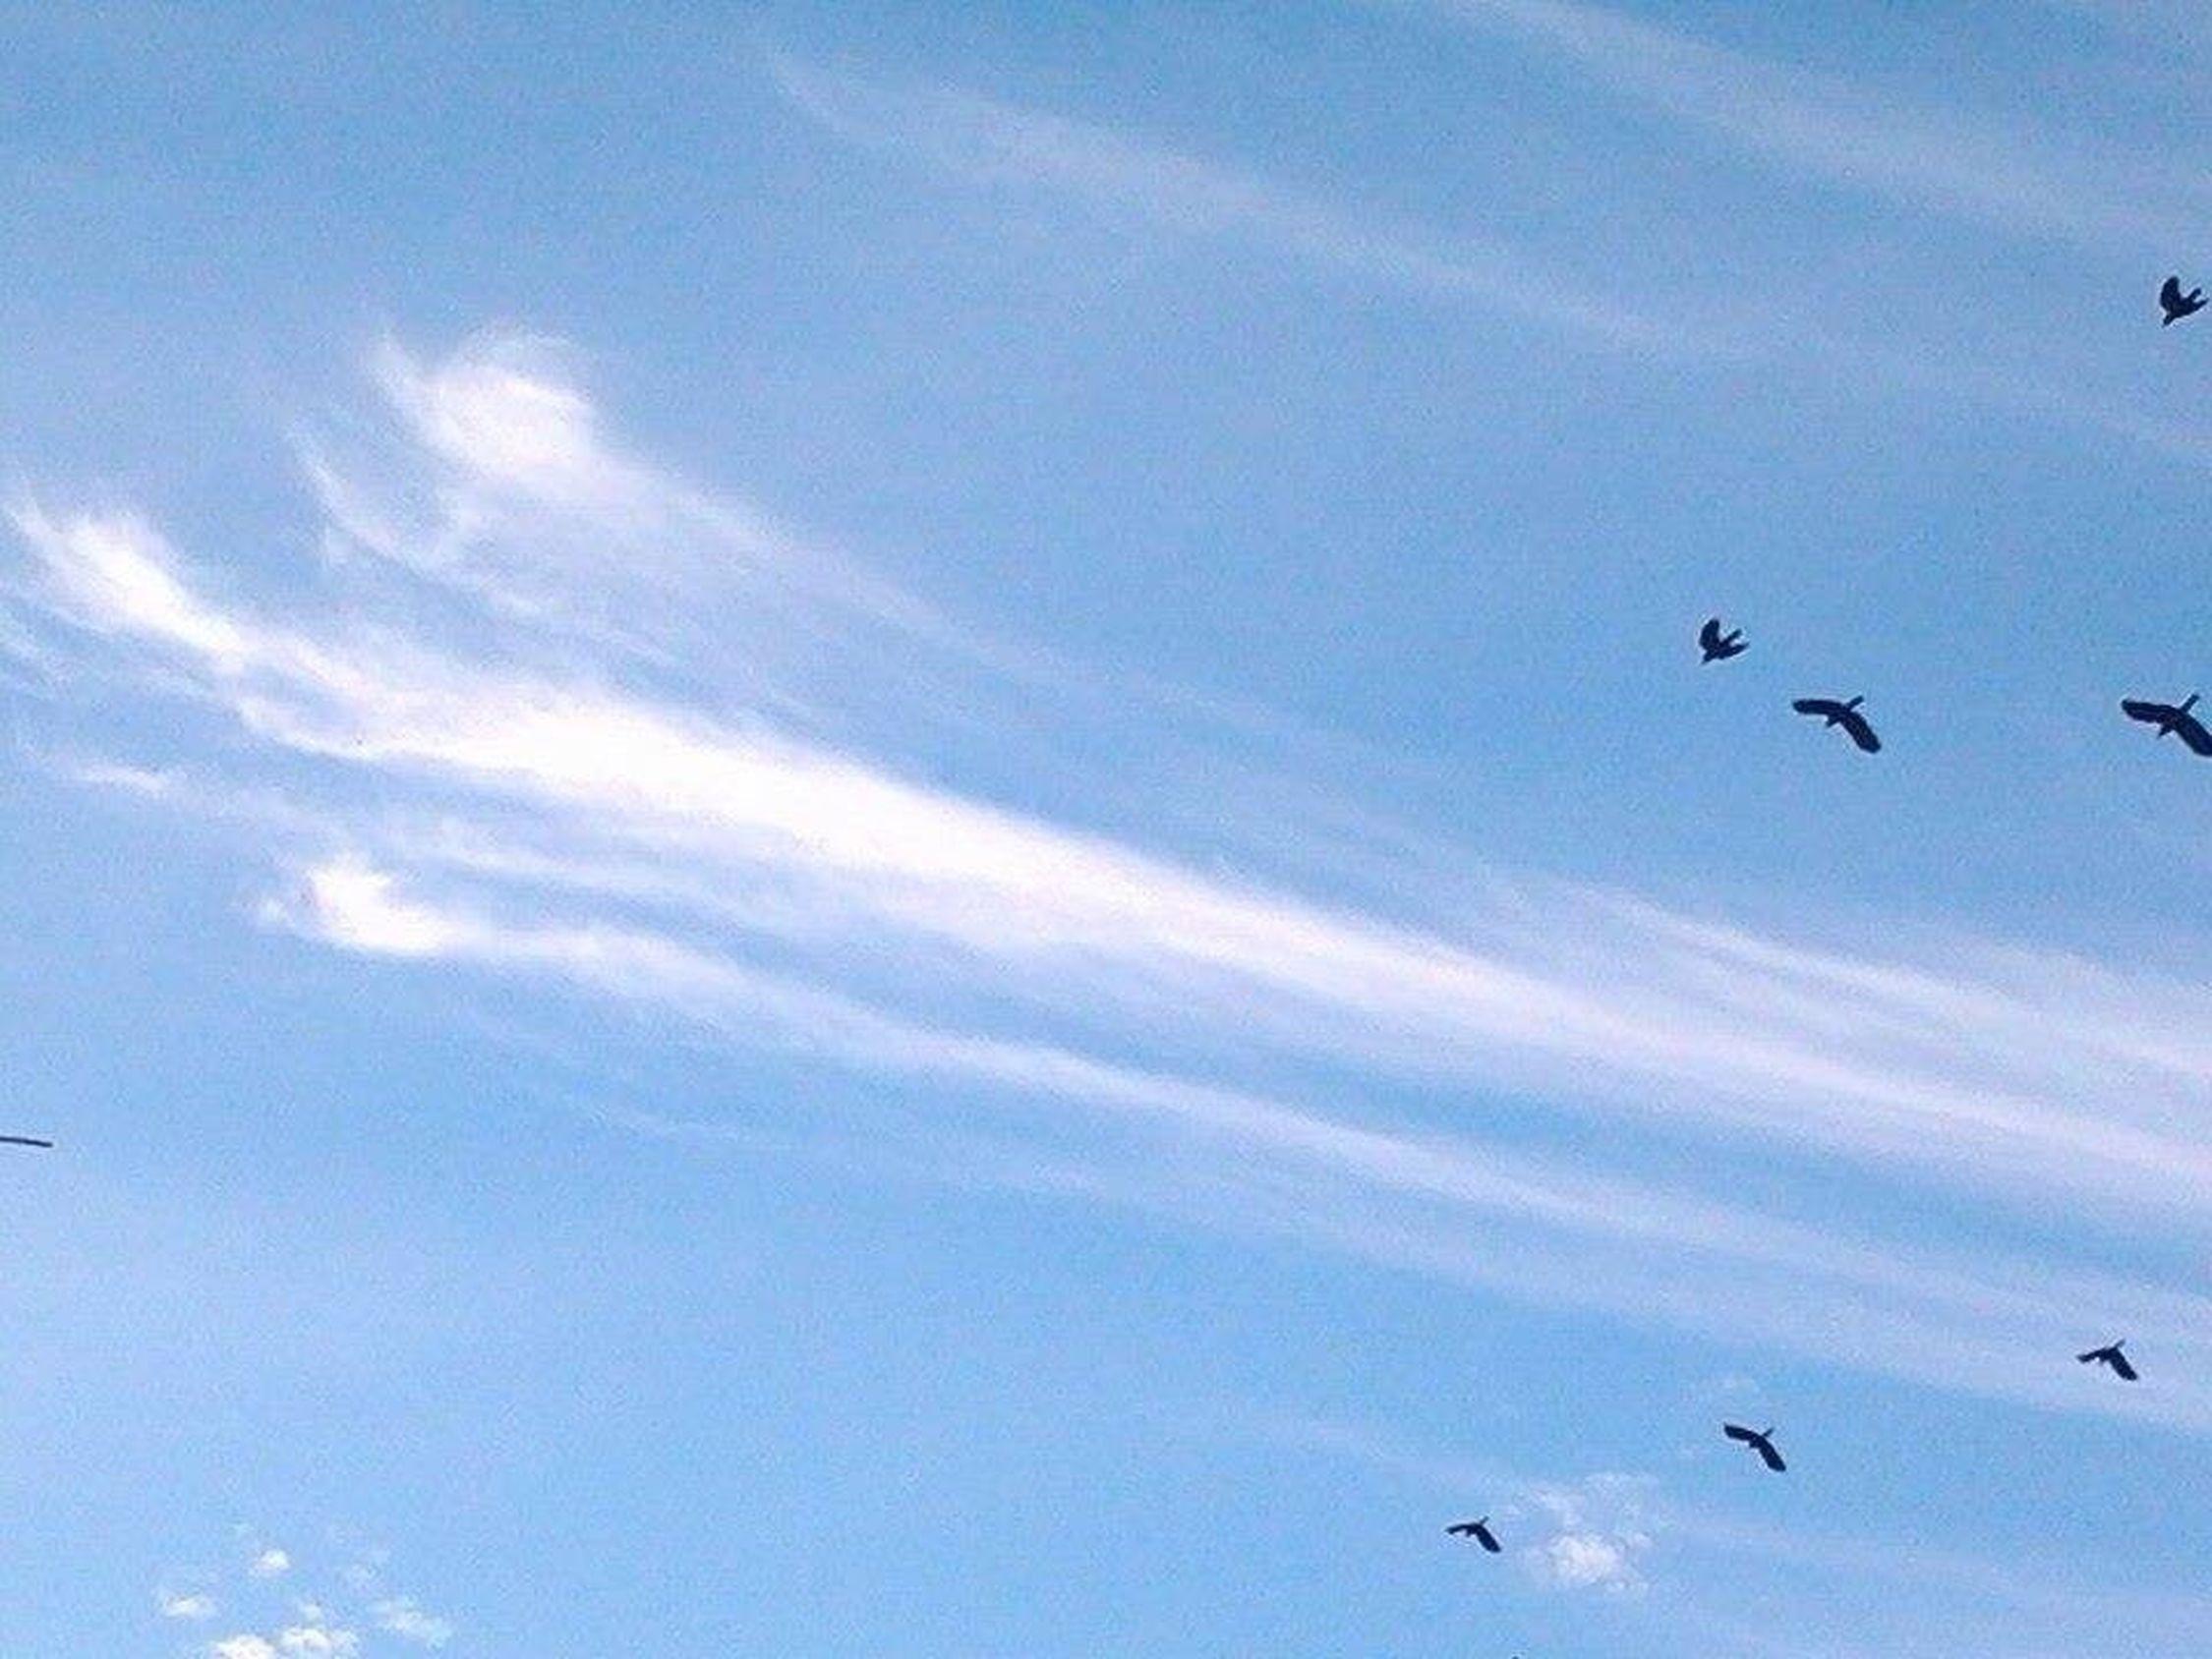 Flying Bird Animal Wildlife Sky Outdoors Spread Wings Cloud - Sky